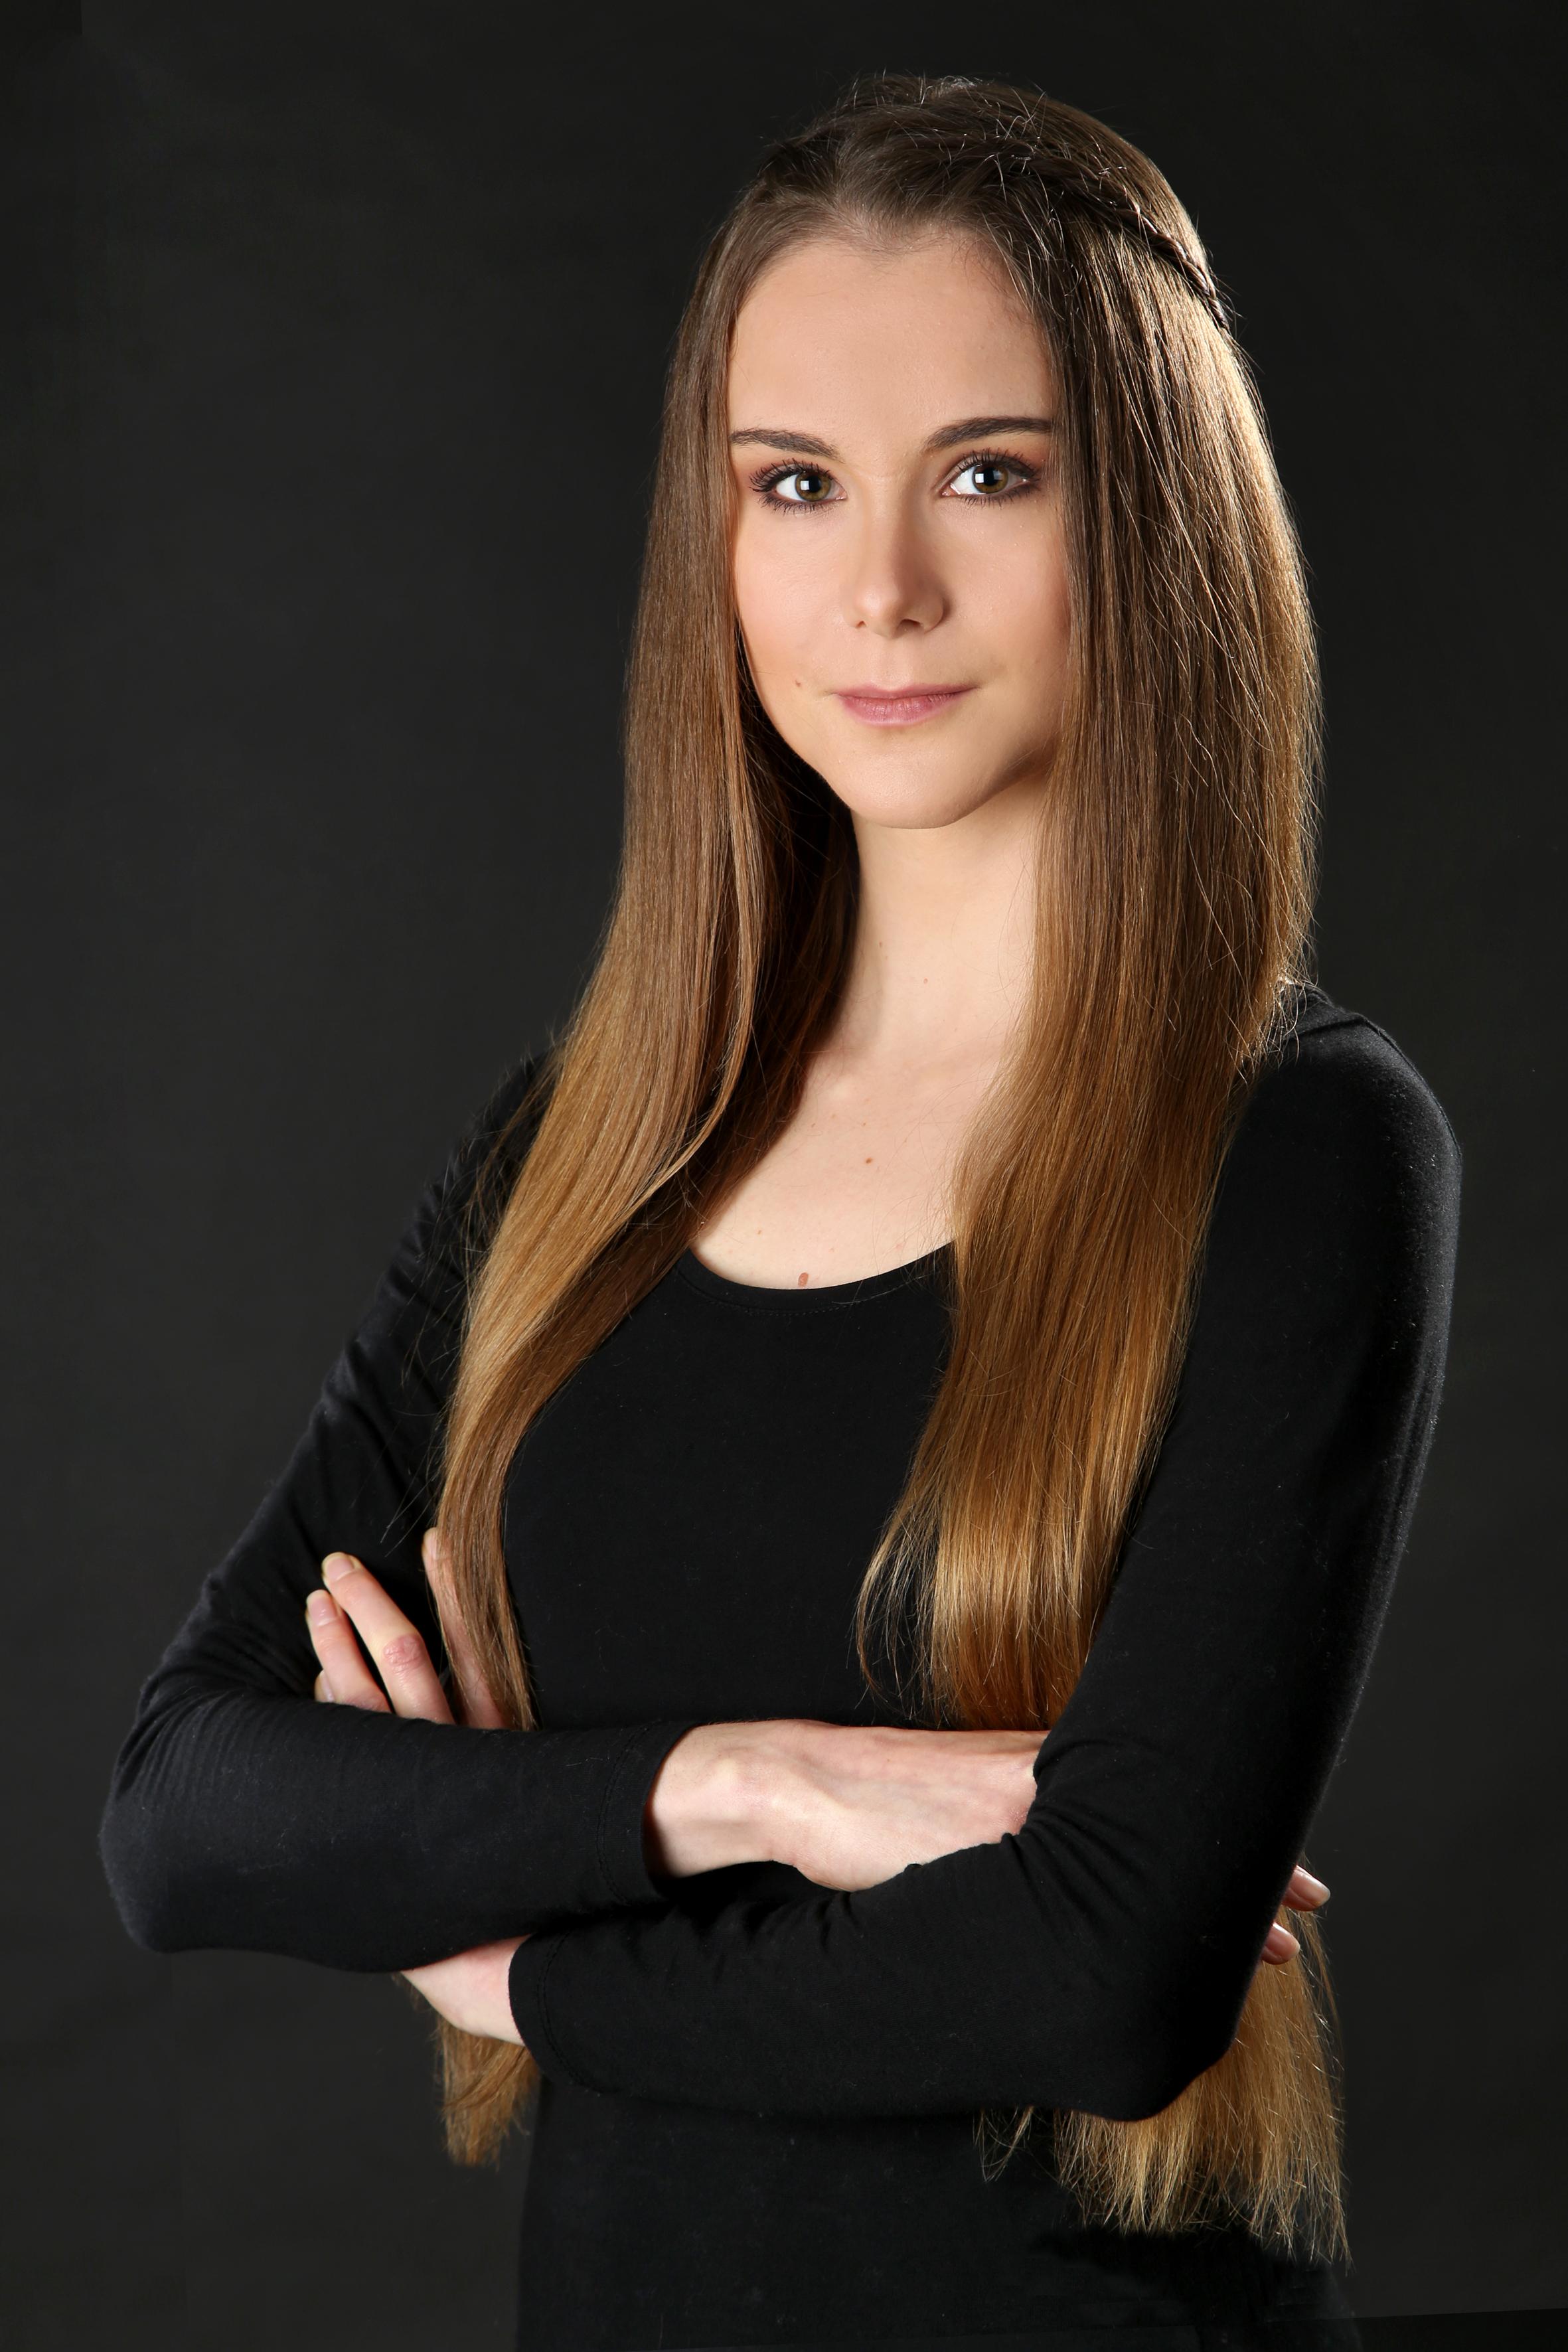 Nathalie Grünberg